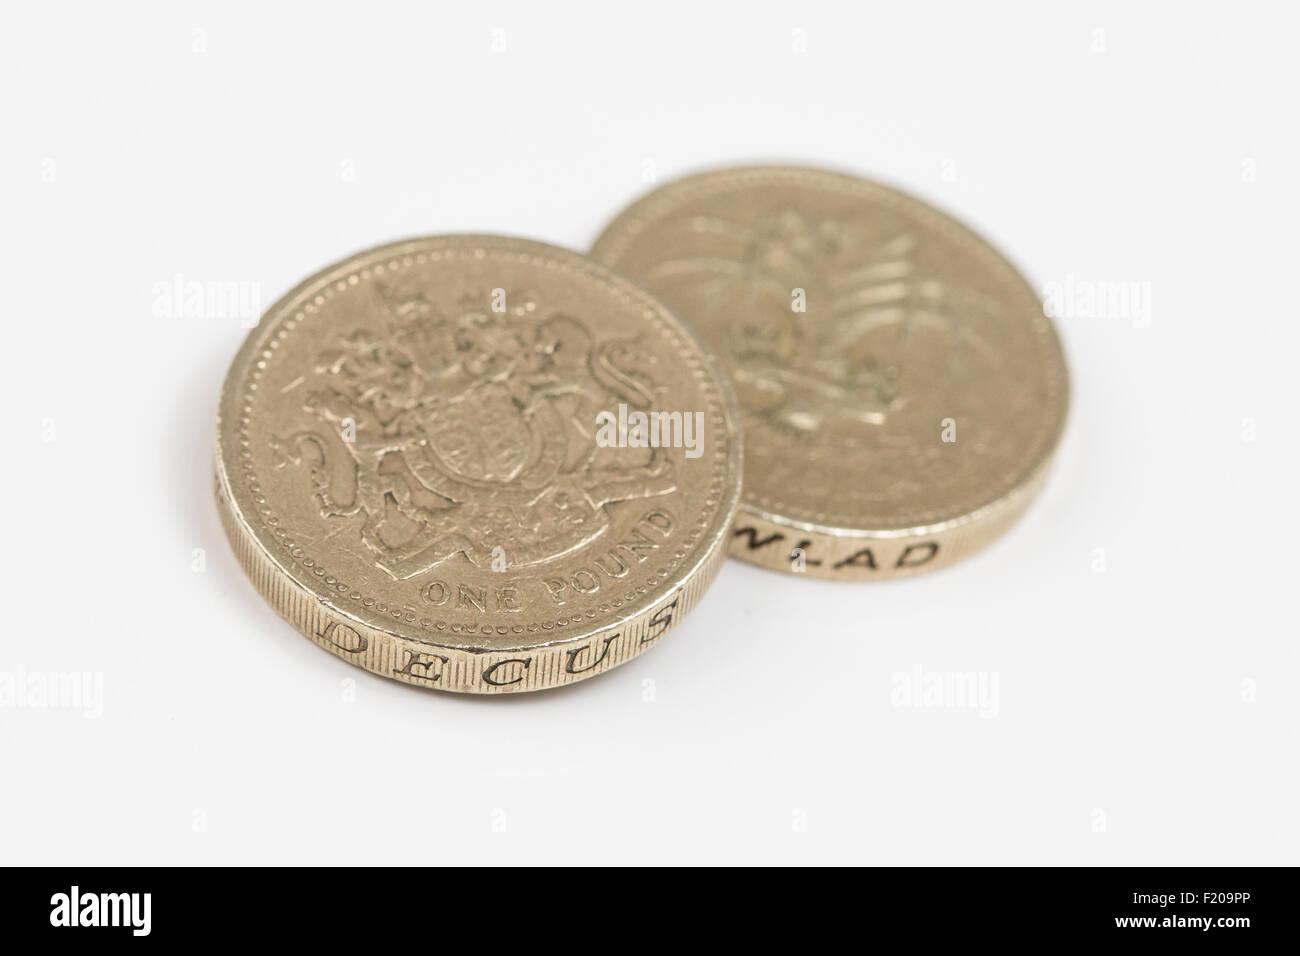 Zwei Pfund Münzen Englische Währung Stockfoto Bild 87288846 Alamy